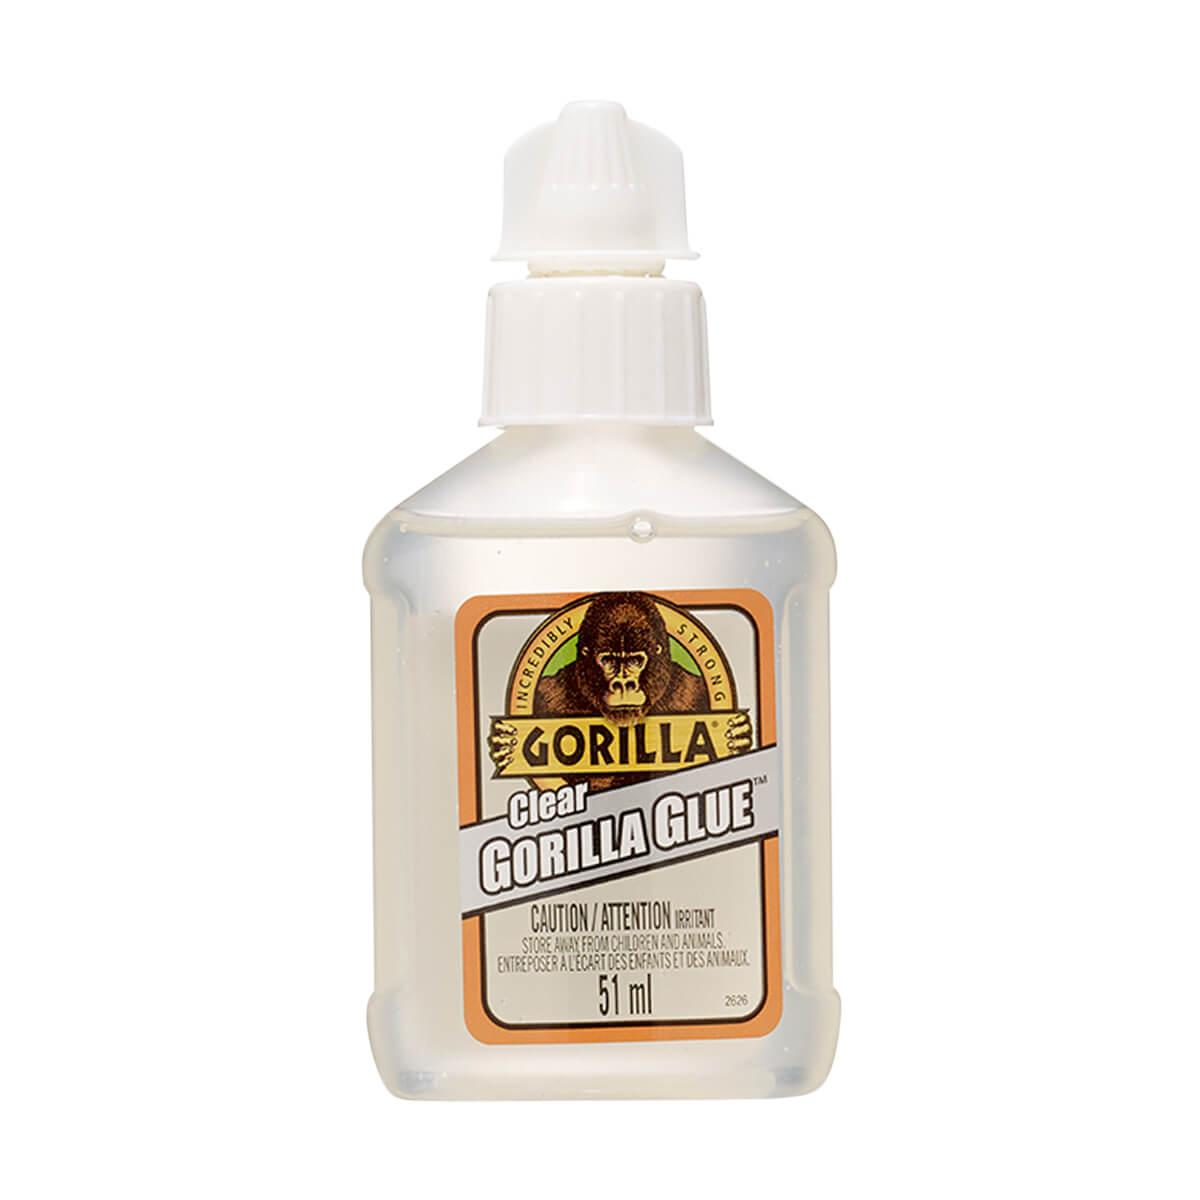 Clear Gorilla Glue 51 ml